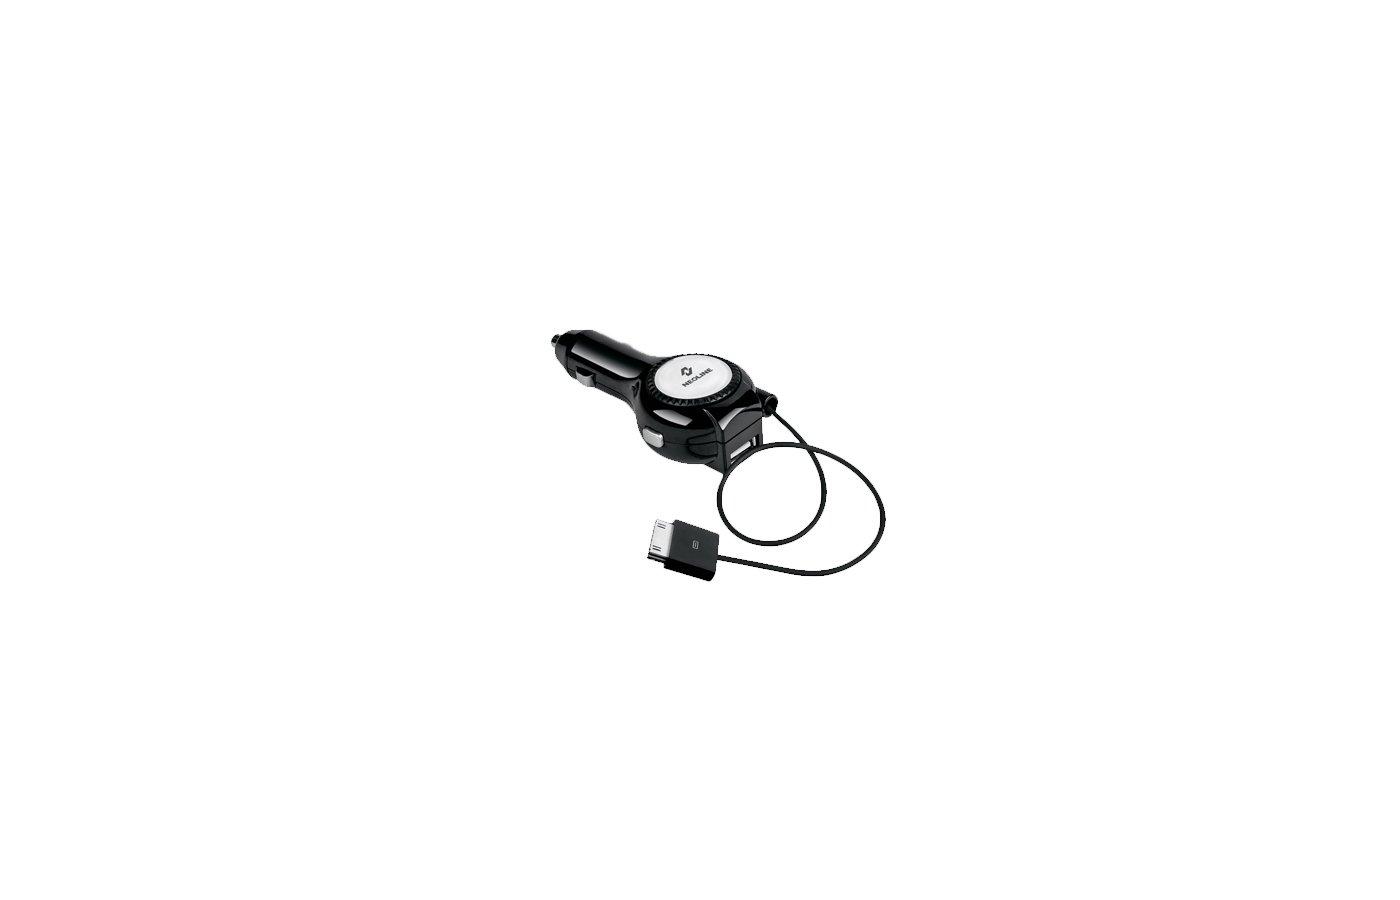 Зарядное устройство Neoline Volter R30 АЗУ с автосмоткой кабеля 30-pin для Apple